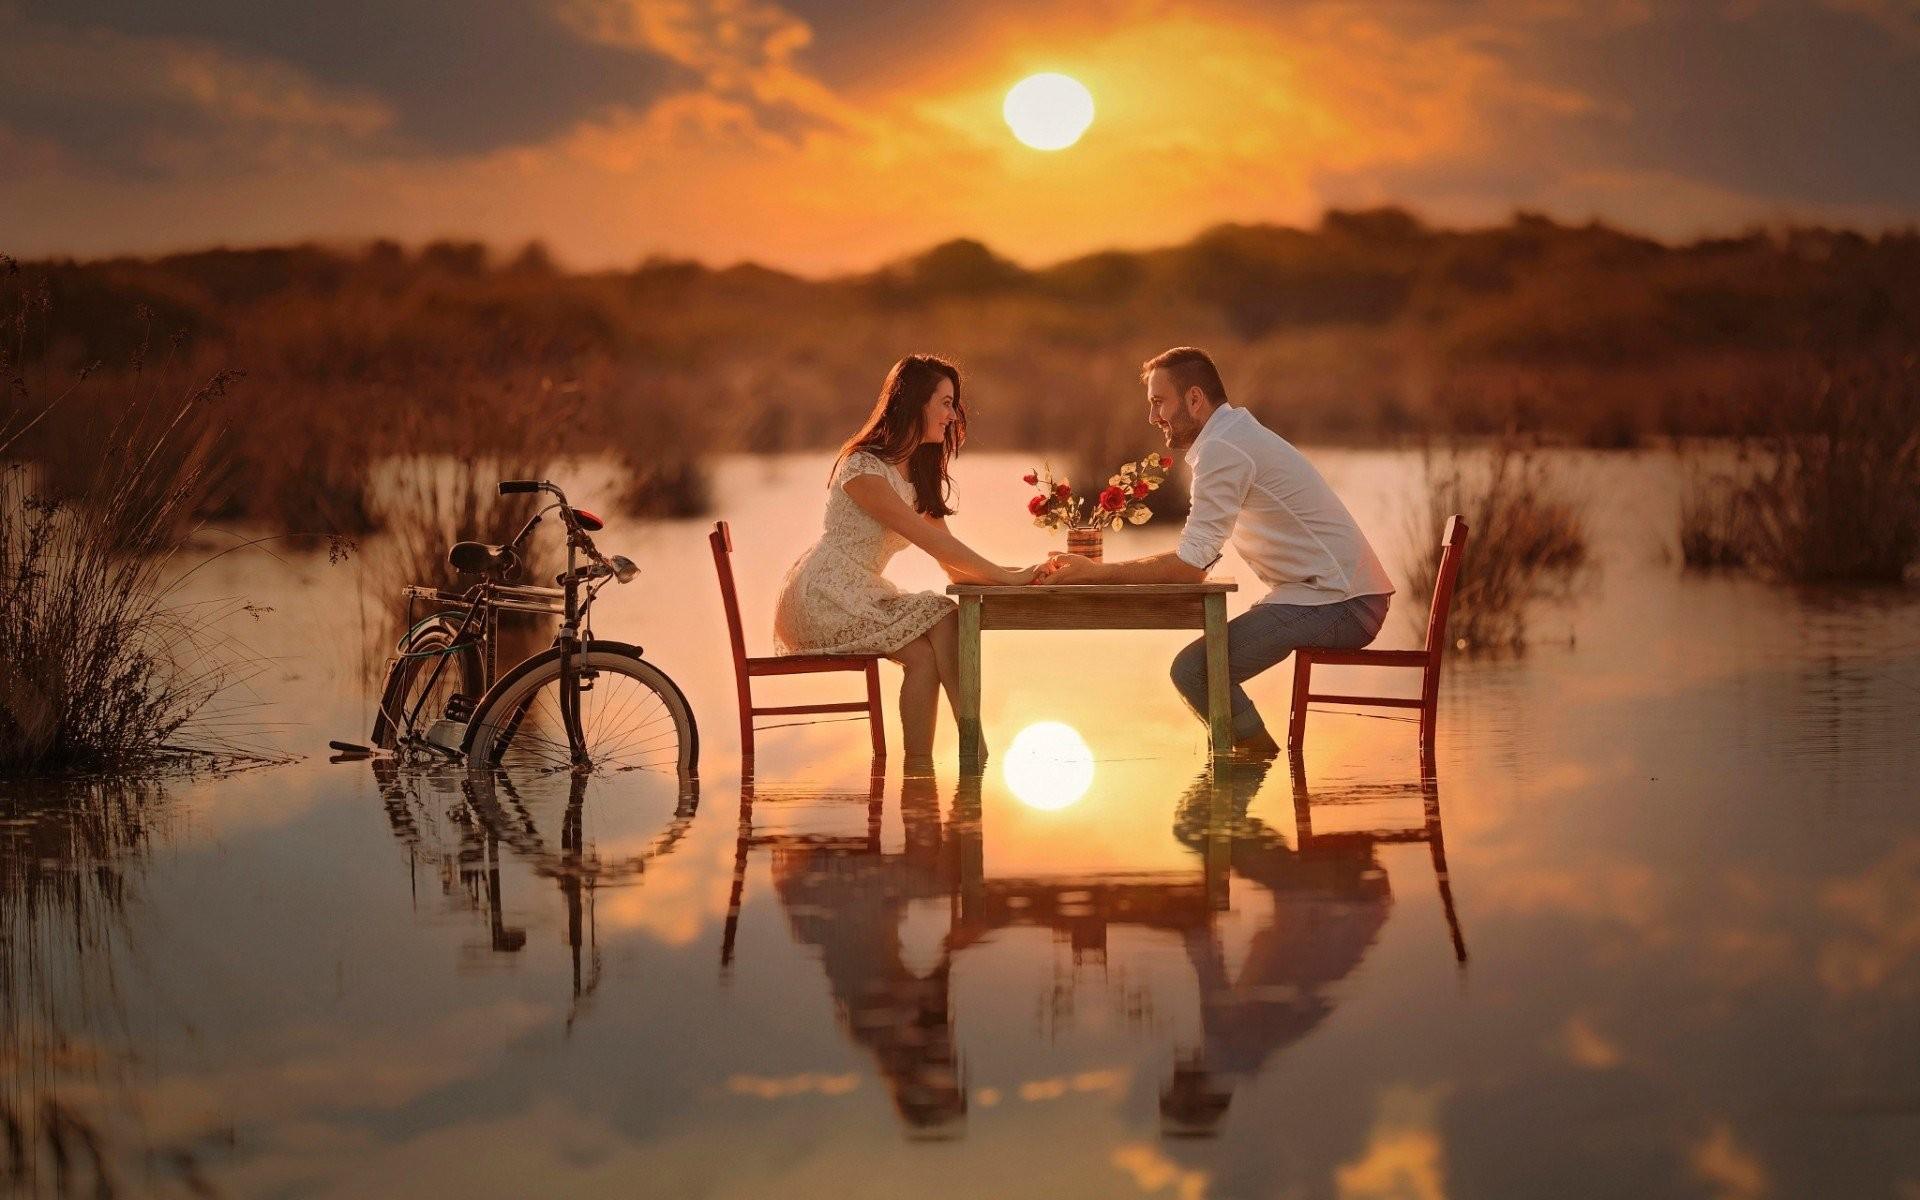 любовь двое обои на рабочий стол № 488450 бесплатно